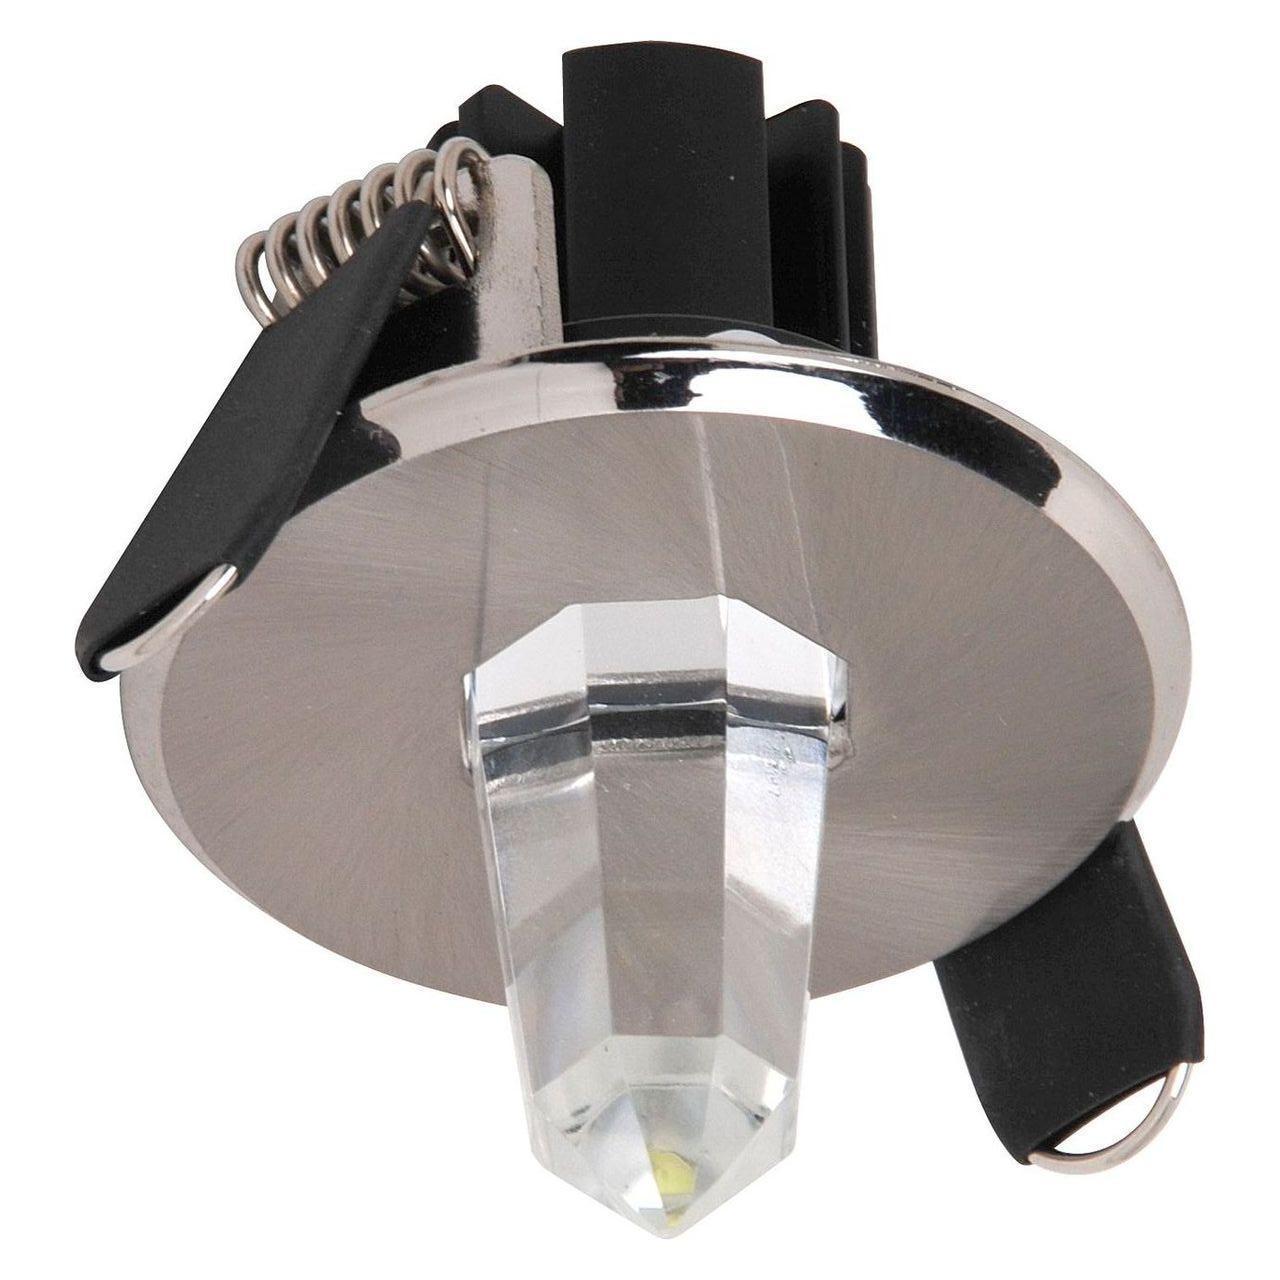 Встраиваемый светодиодный светильник Horoz Natalia зеленый 016-001-0001 (HL815L) встраиваемый светодиодный светильник horoz natalia красный 016 001 0001